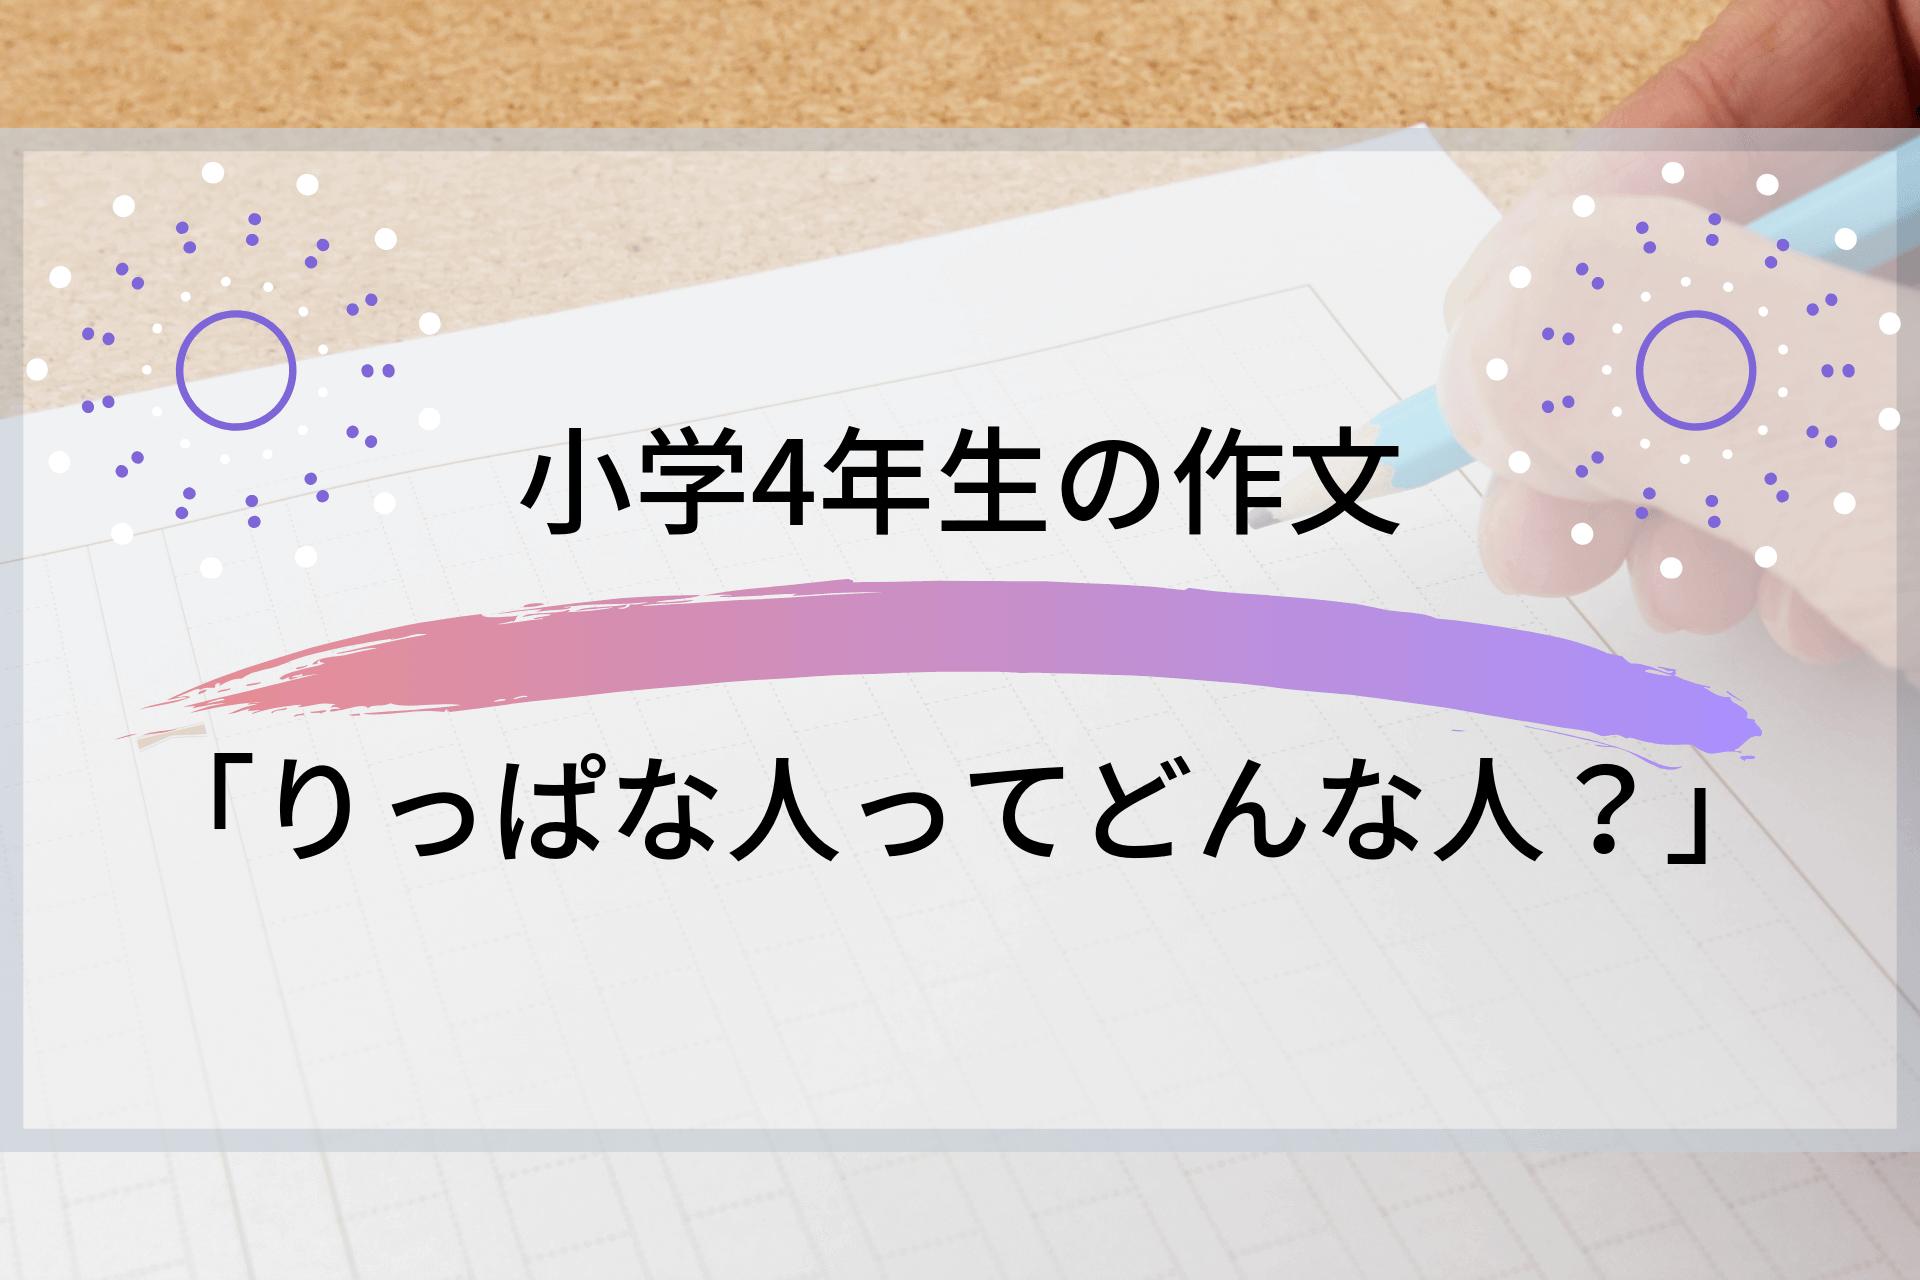 小学4年生の作文「りっぱな人ってどんな人?」 (1)